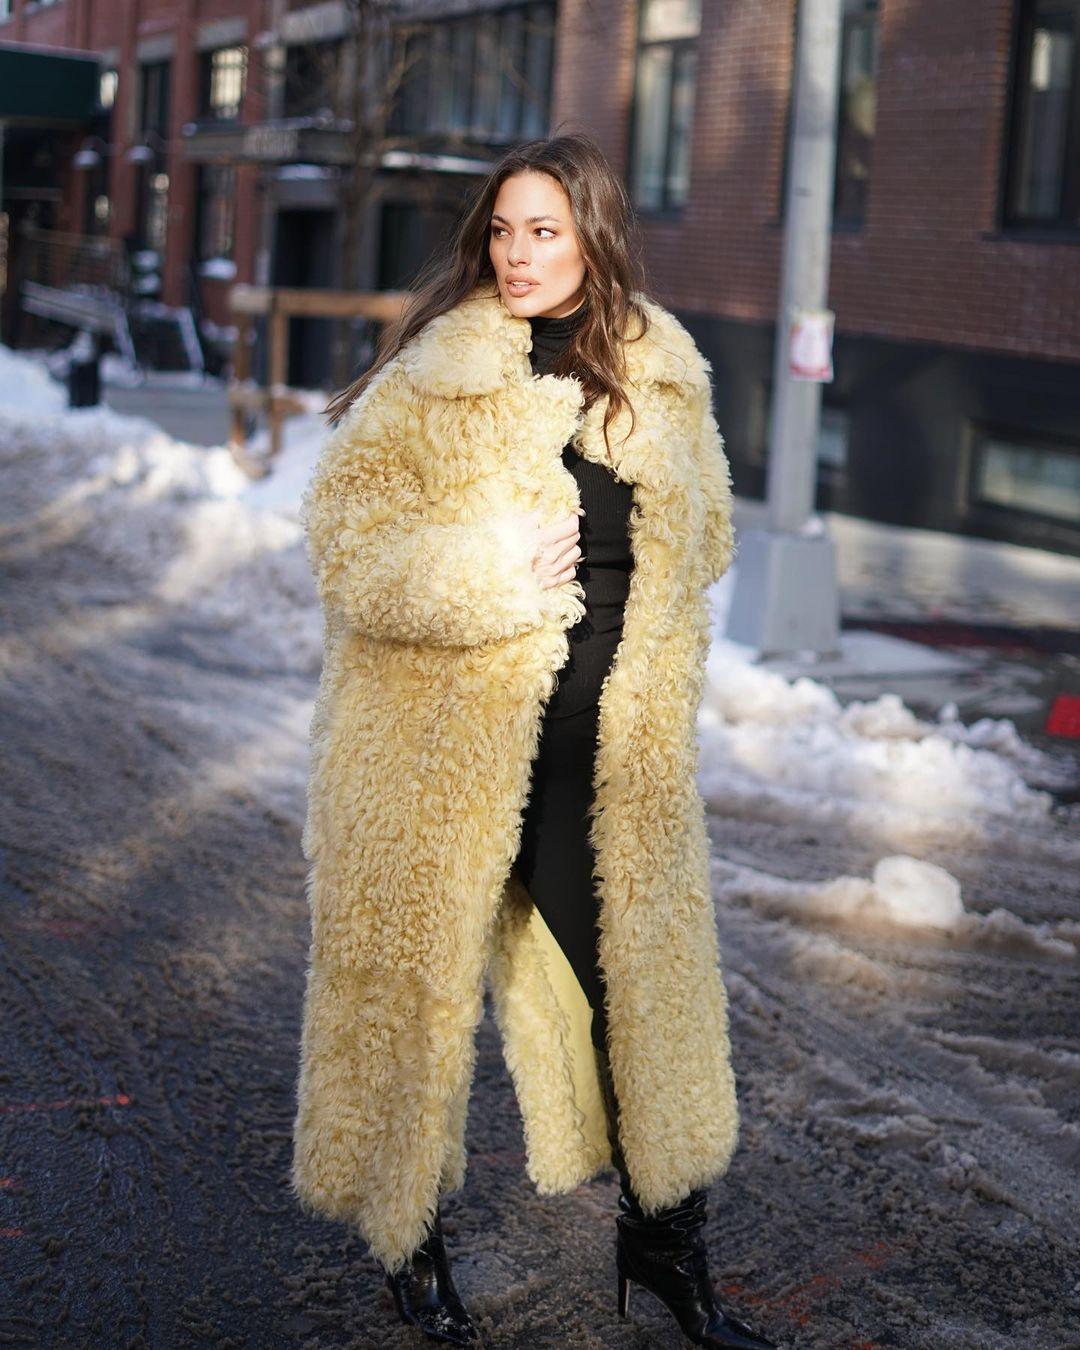 Безупречна с головы до ног: Эшли Грэм в стильном образе покорила роскошным телом